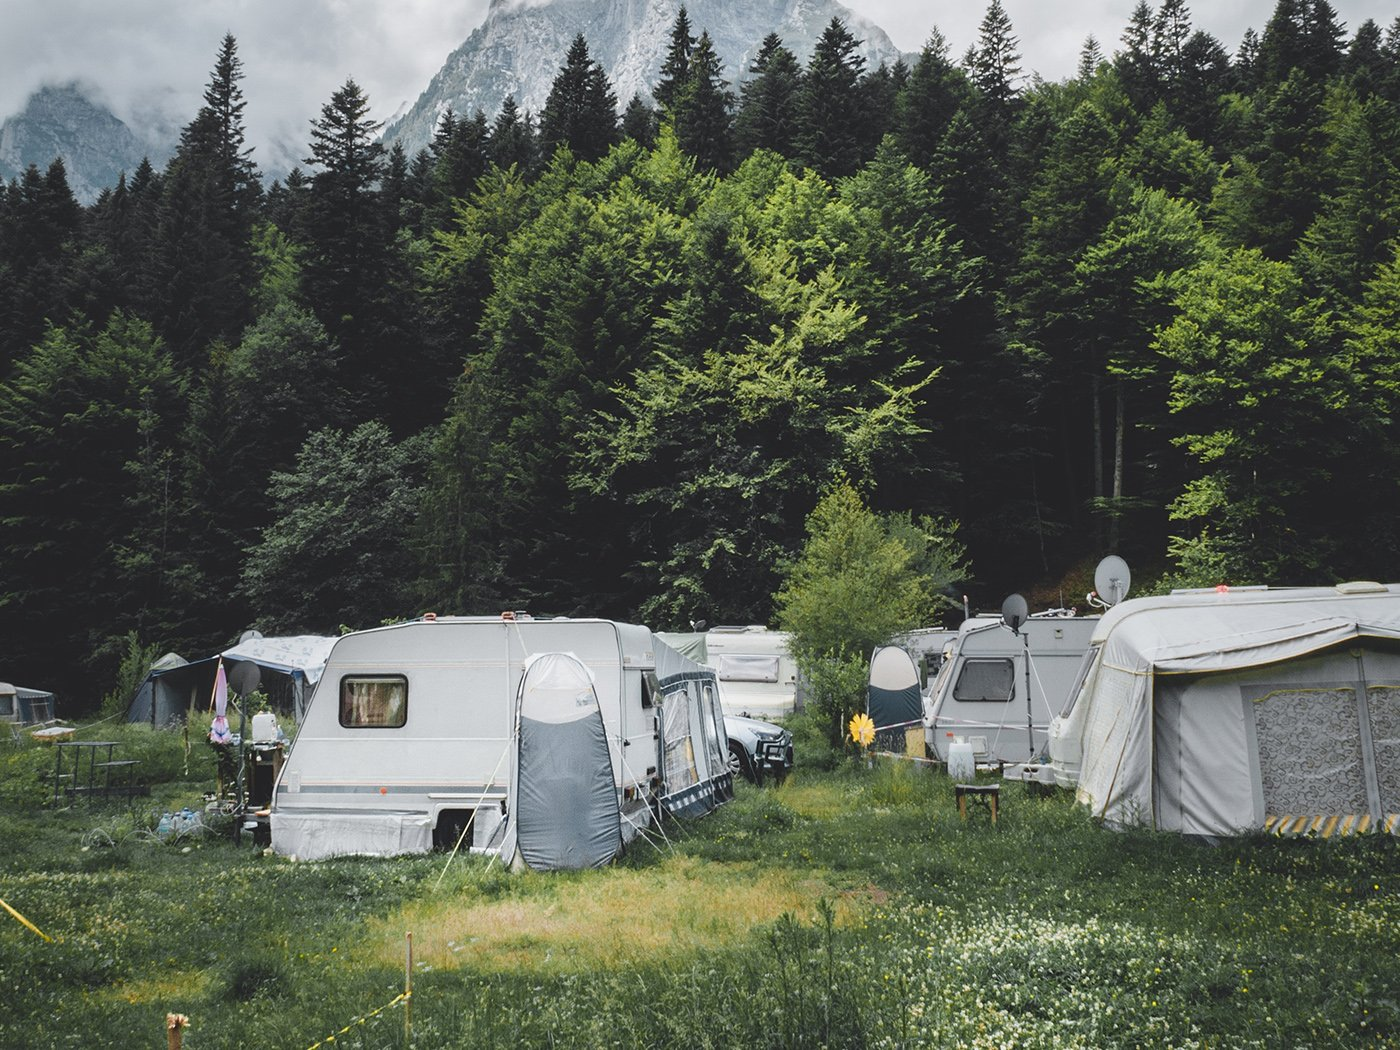 Wohnen auf dem Campingplatz Wohnwagen